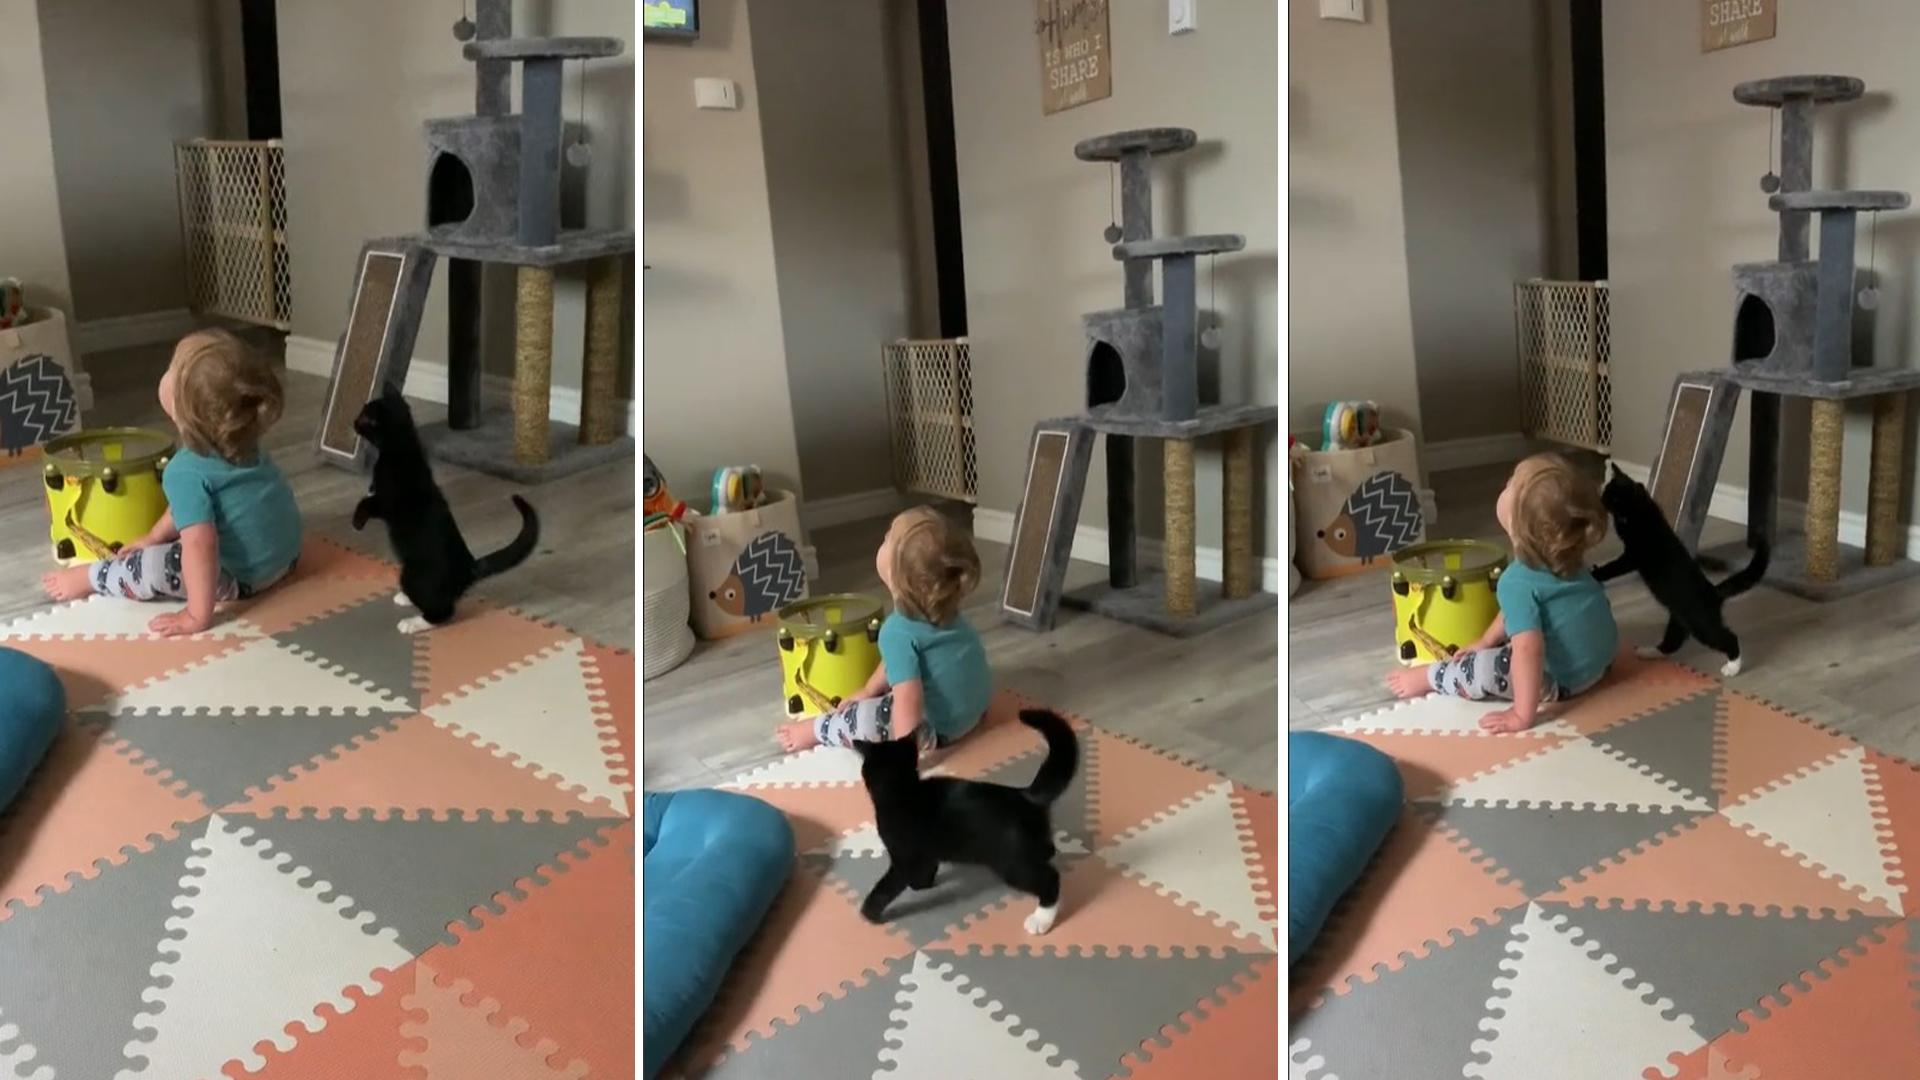 Gatinho tenta convencer bebê a brincar usando uma dança maluca